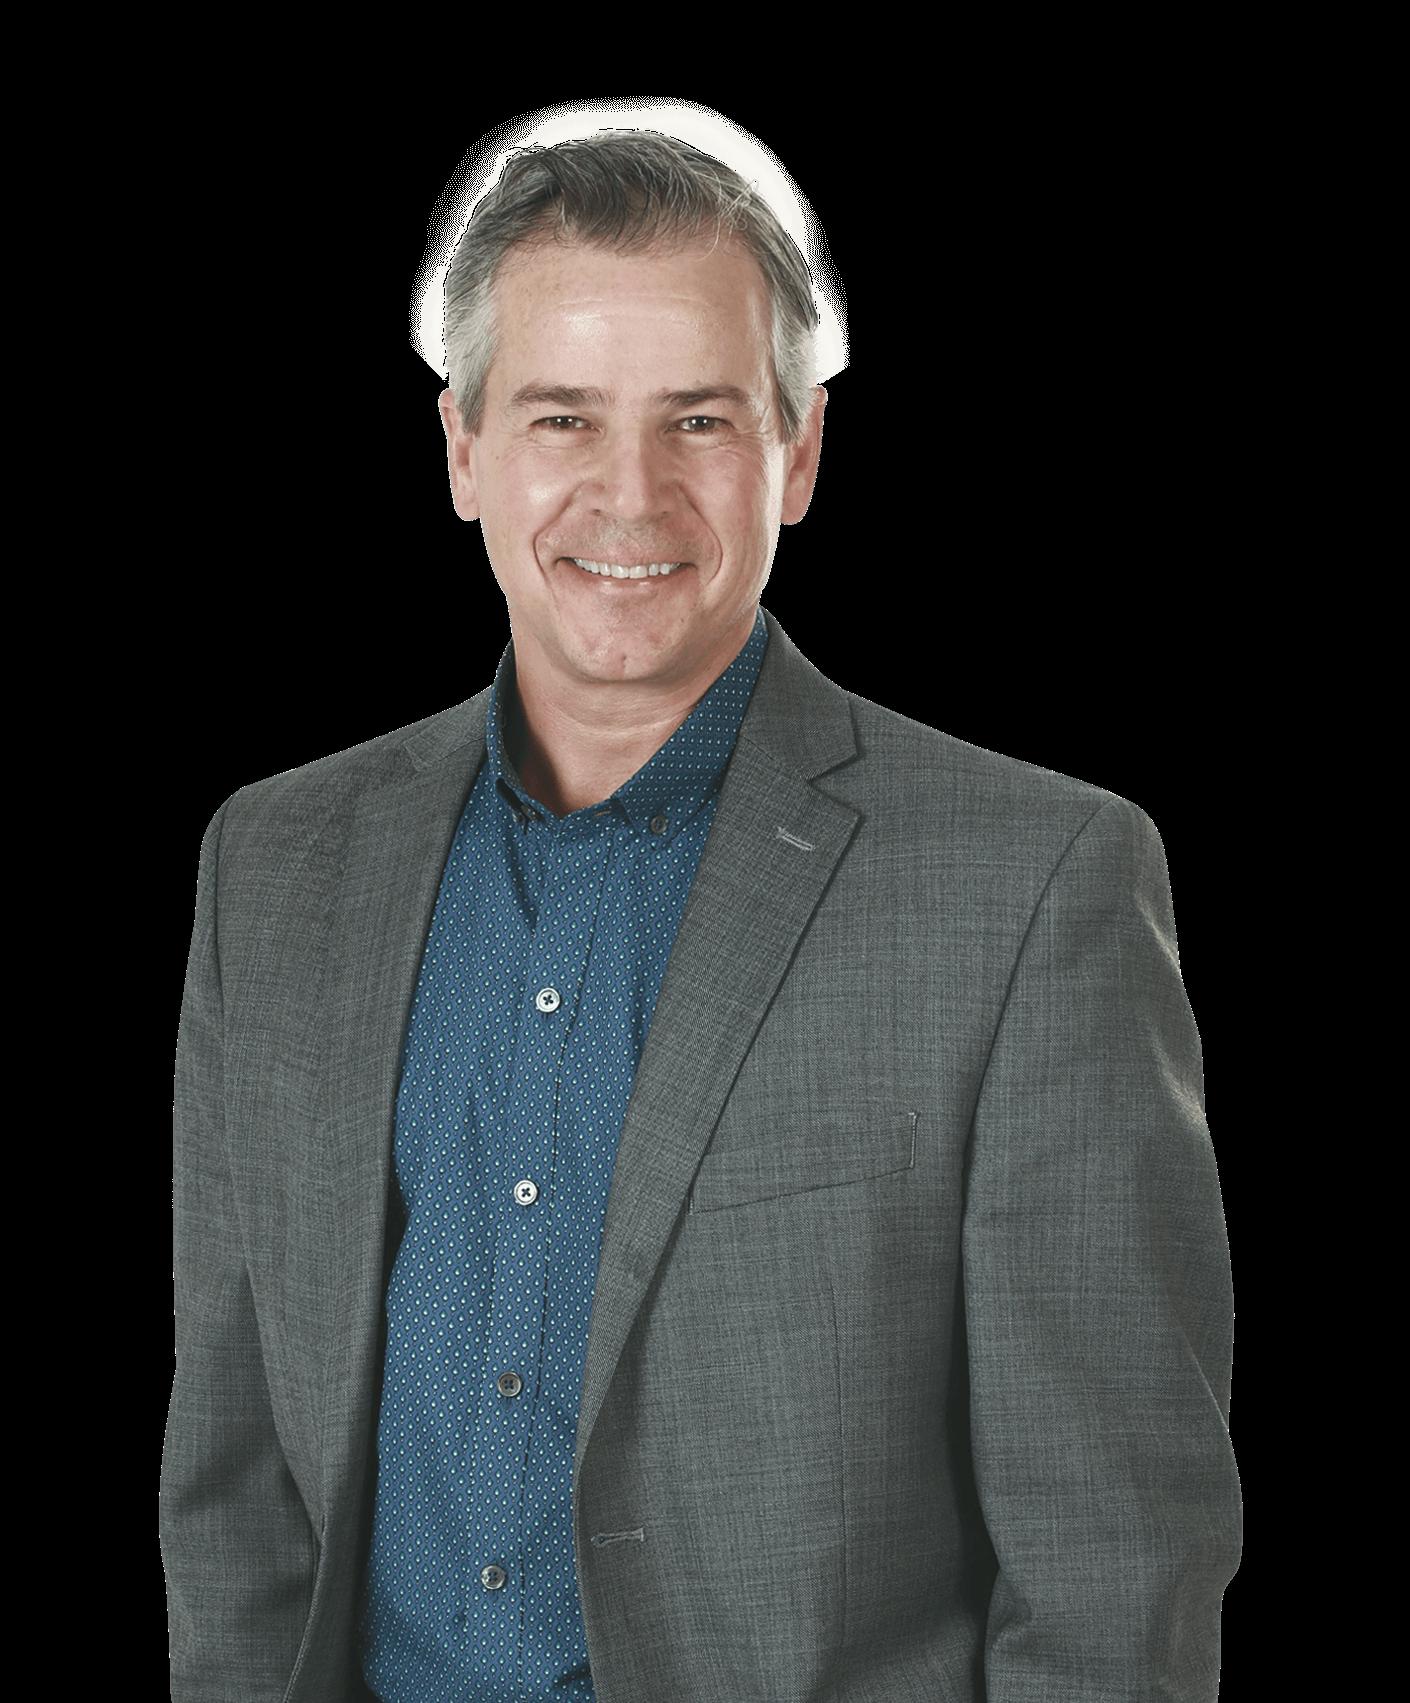 Matt Meline, PrairieFire Founder and CEO